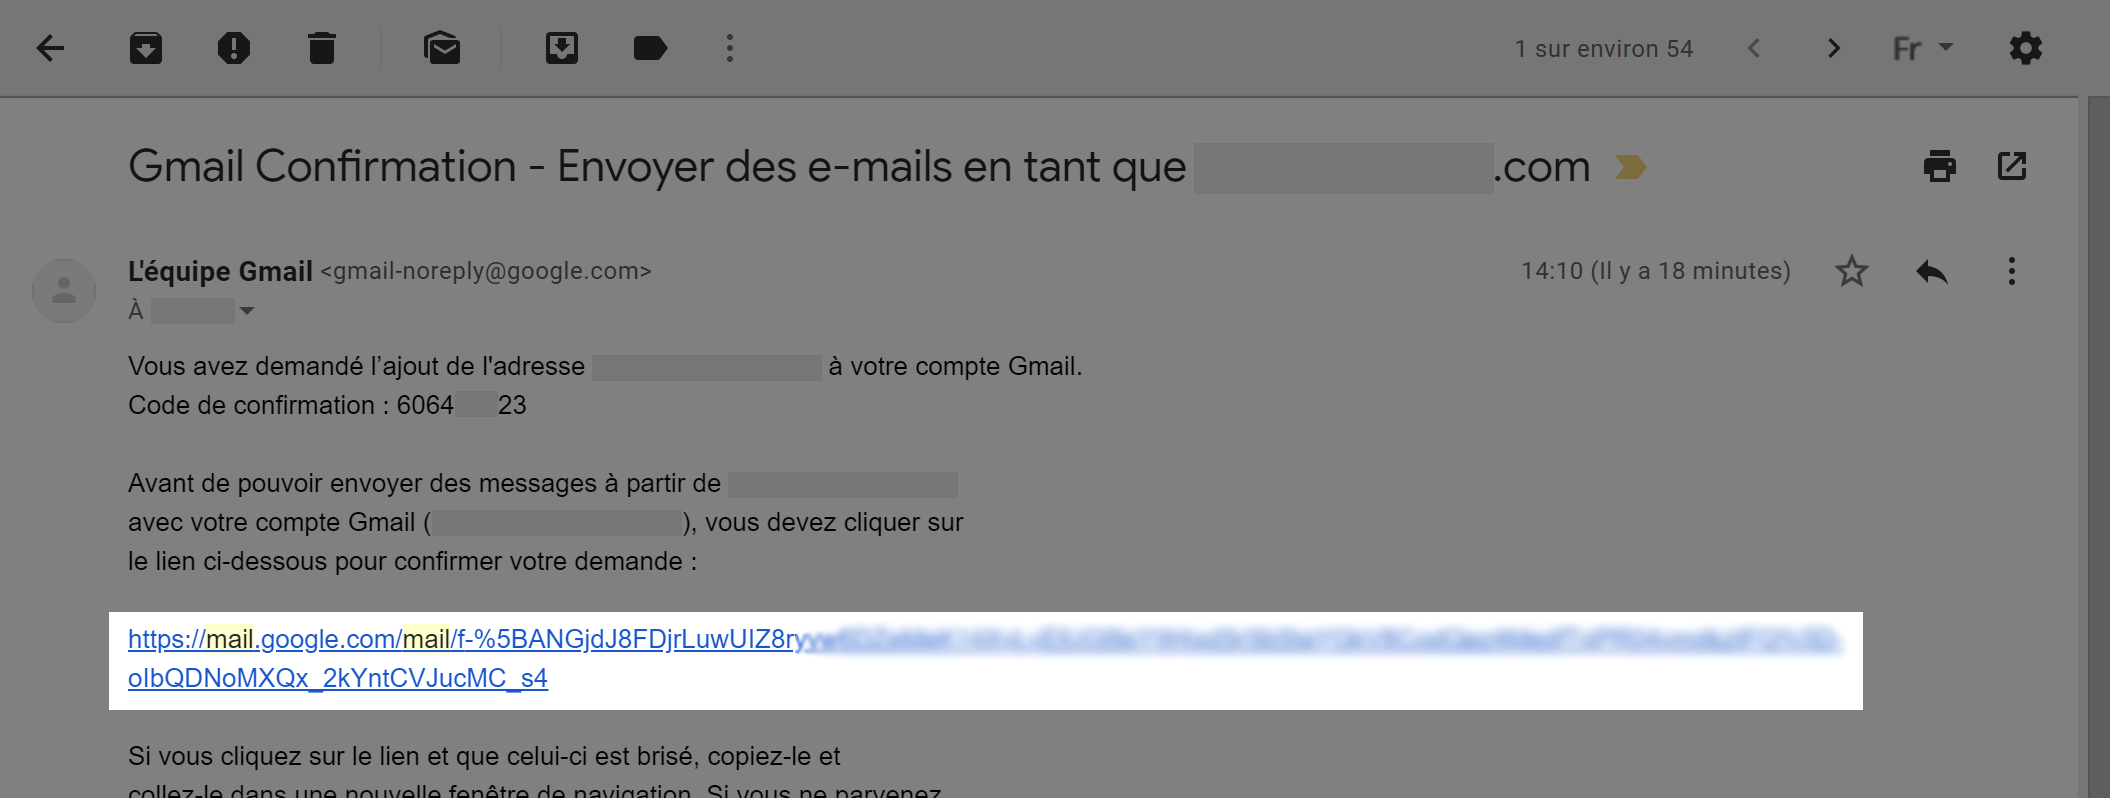 Ouvrez le mail de confirmation - Mis en avant